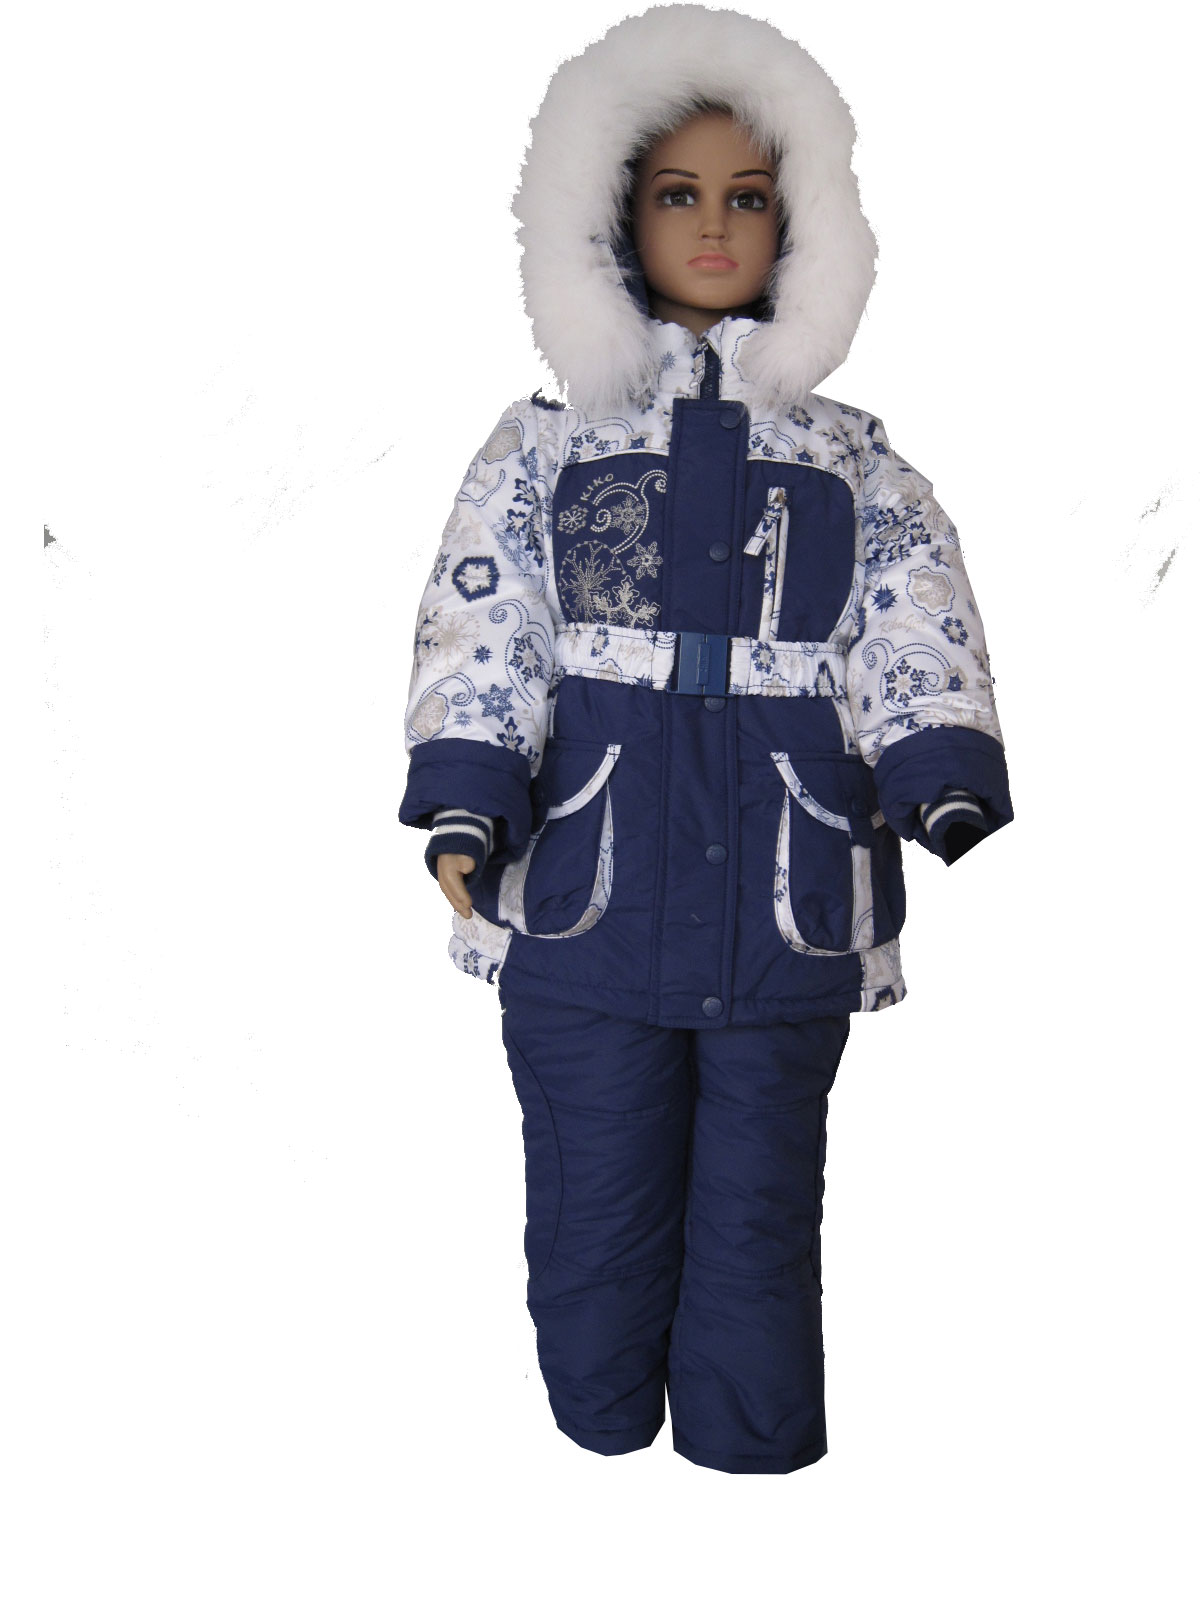 Фото детей в костюмах зимних кико